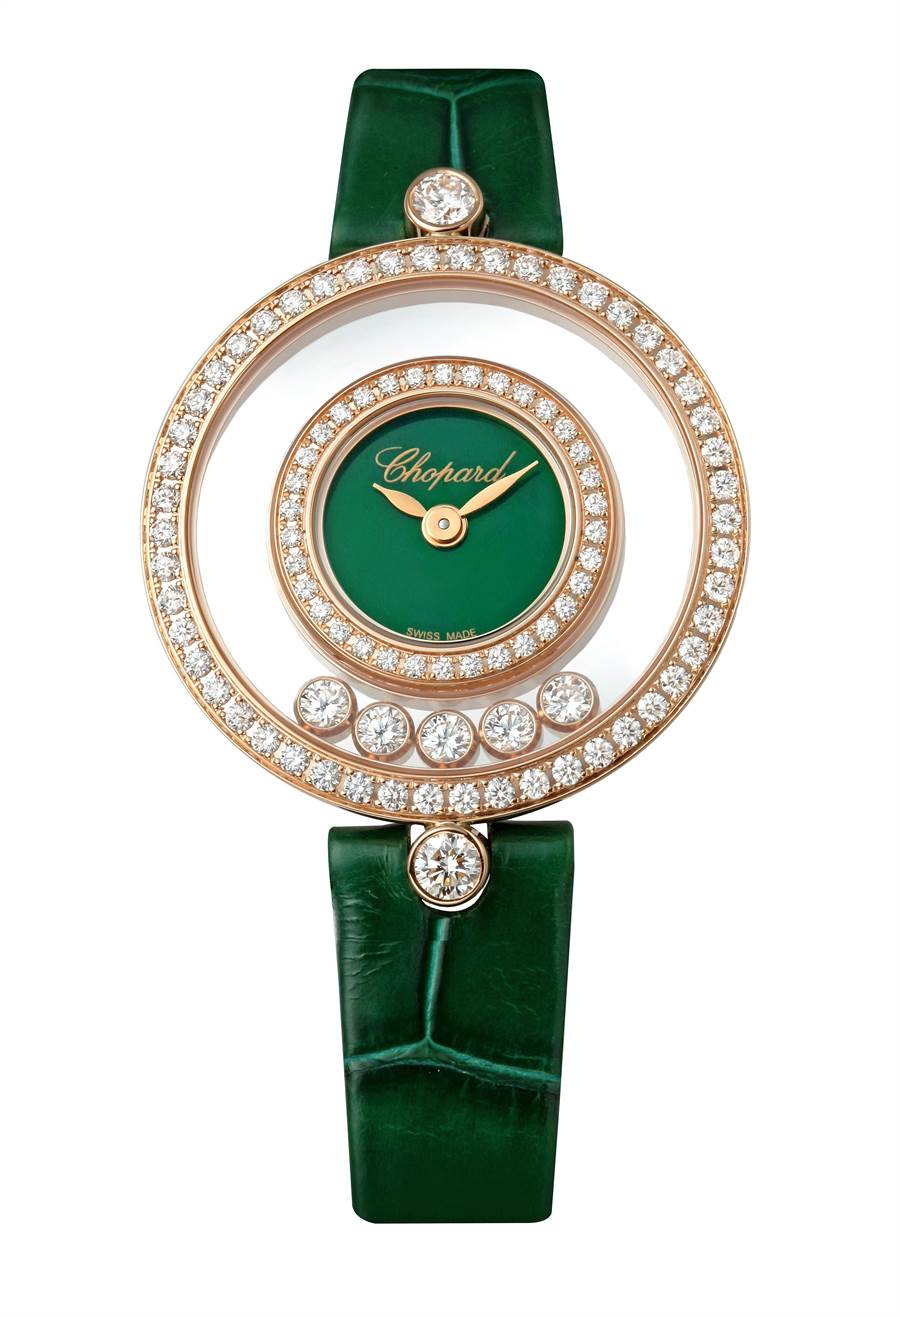 蕭邦Happy Diamonds珠寶表,5顆滑動鑽石,雙表圈鑲鑽,49萬8000元。(Chopard提供)